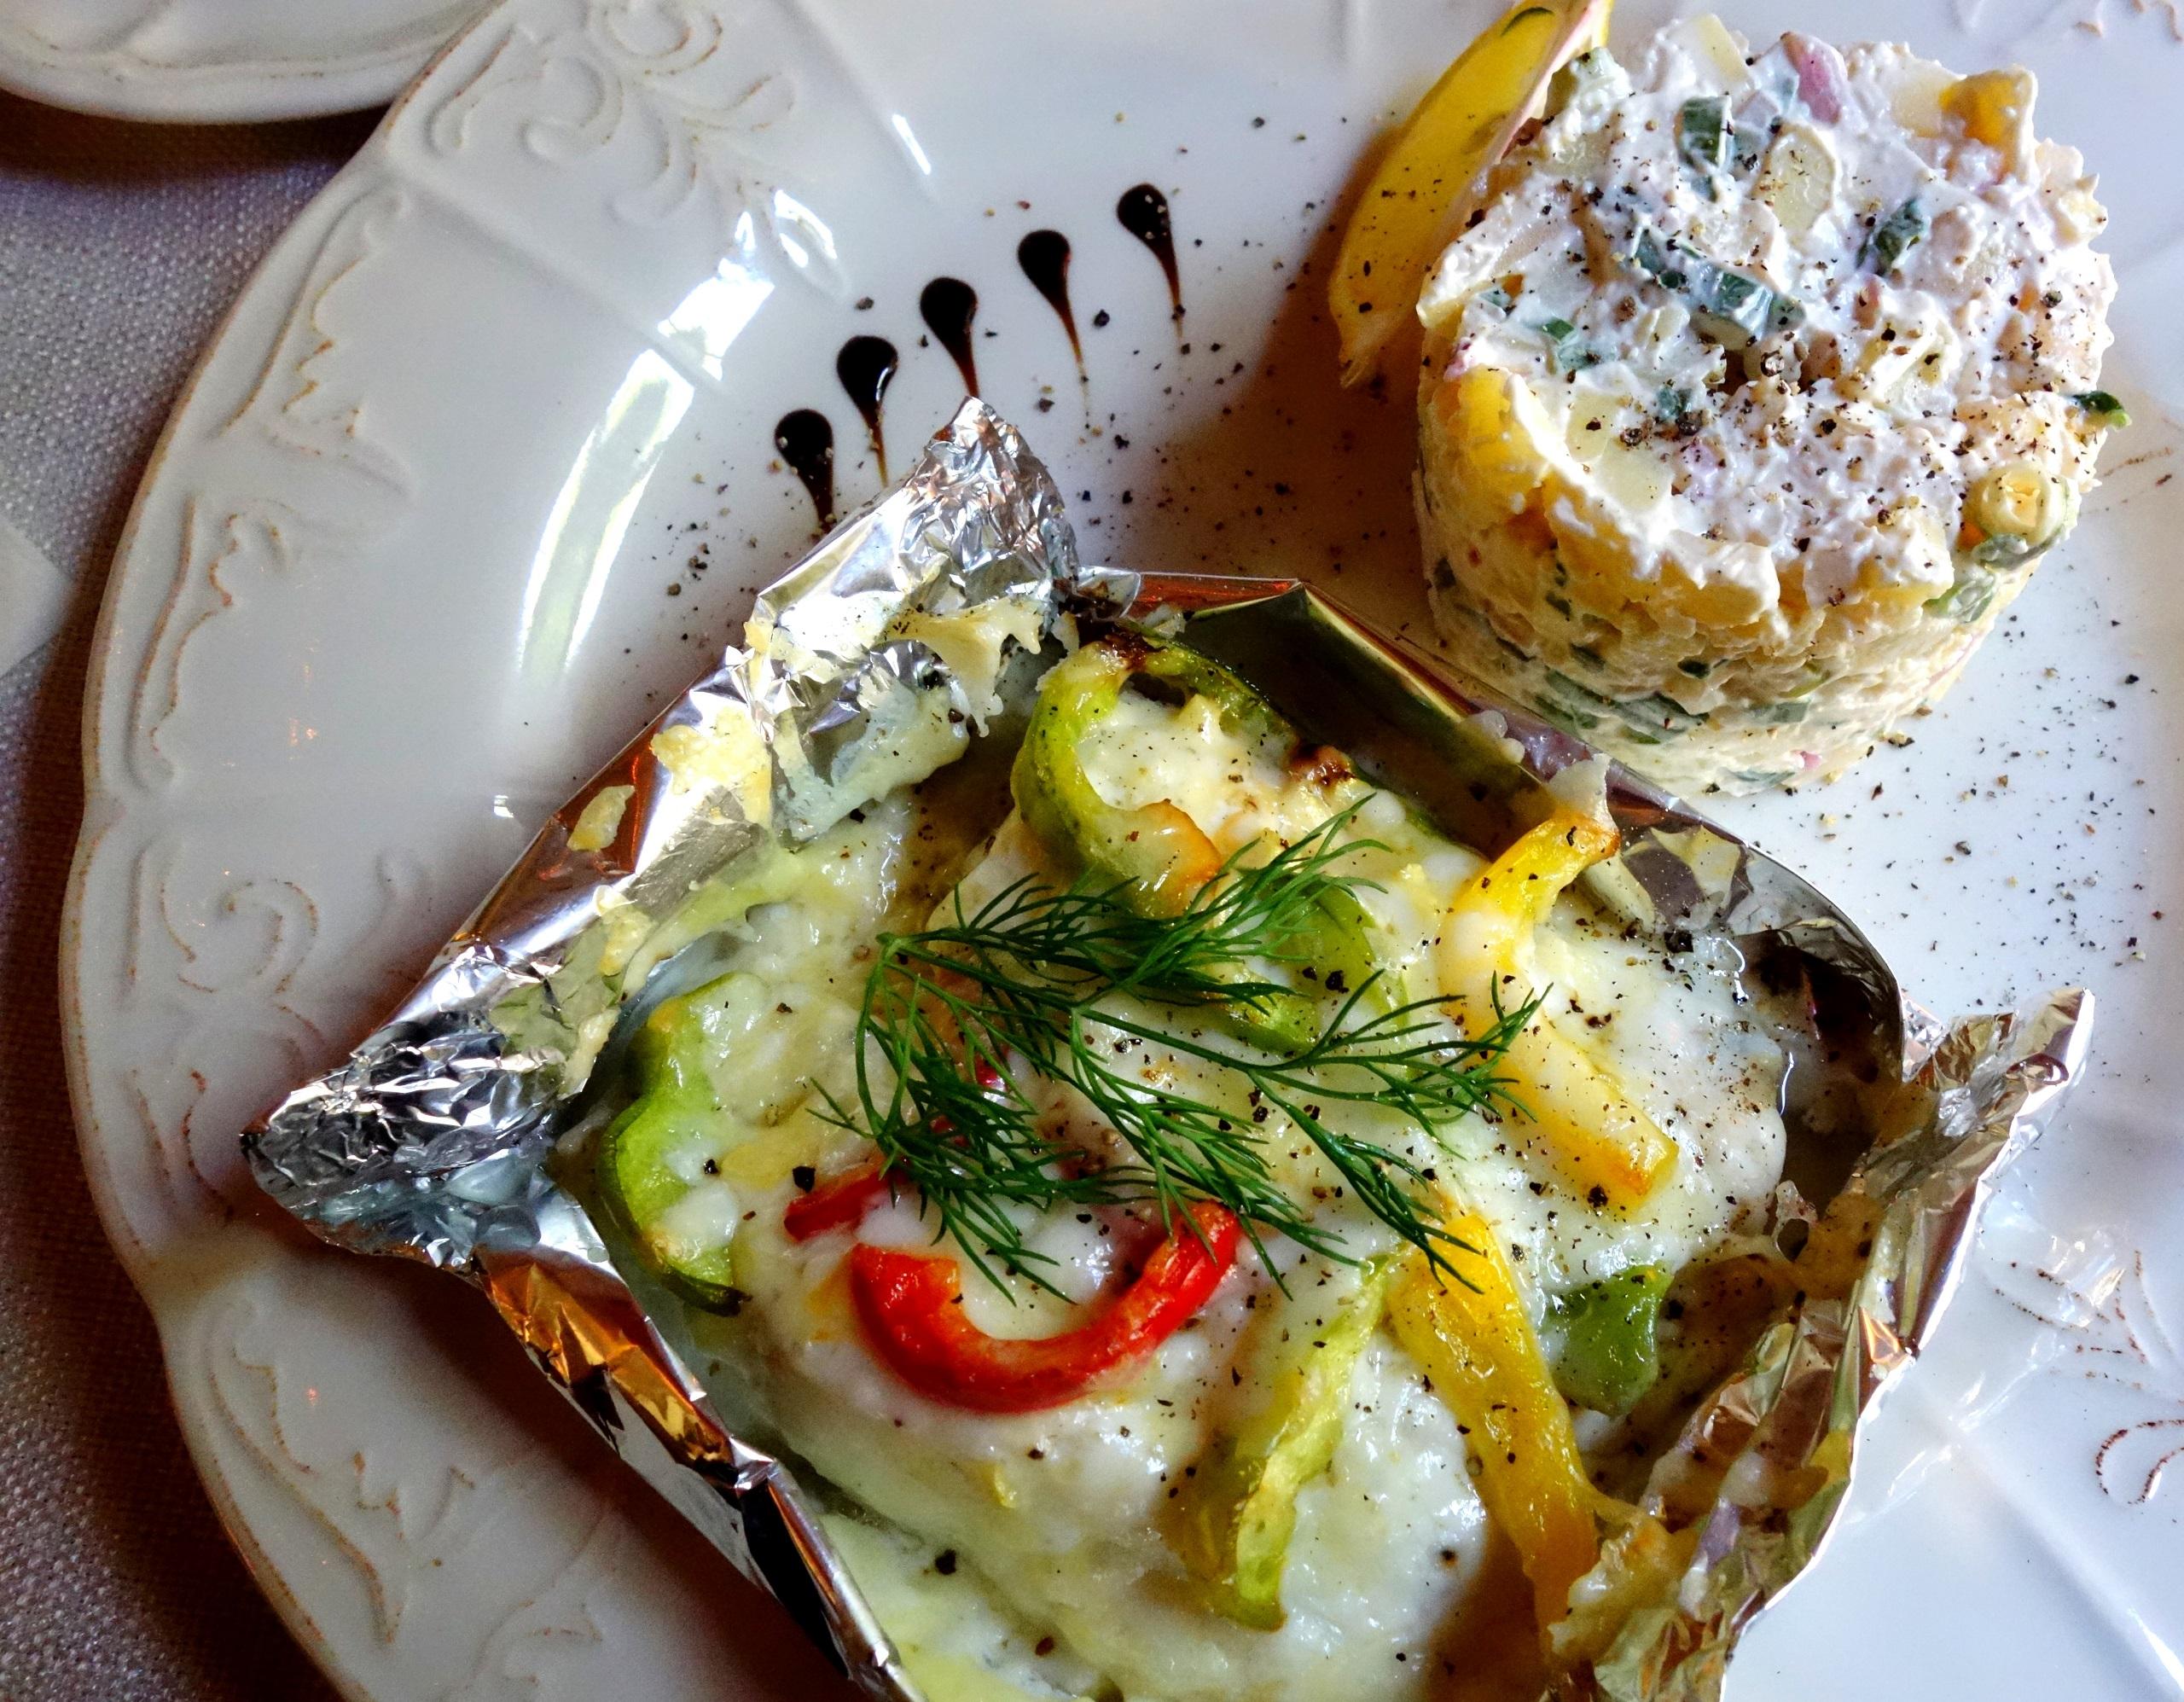 Gościniec Zamkowy - ryba zapiekana w serze z sałatką ziemniaczaną